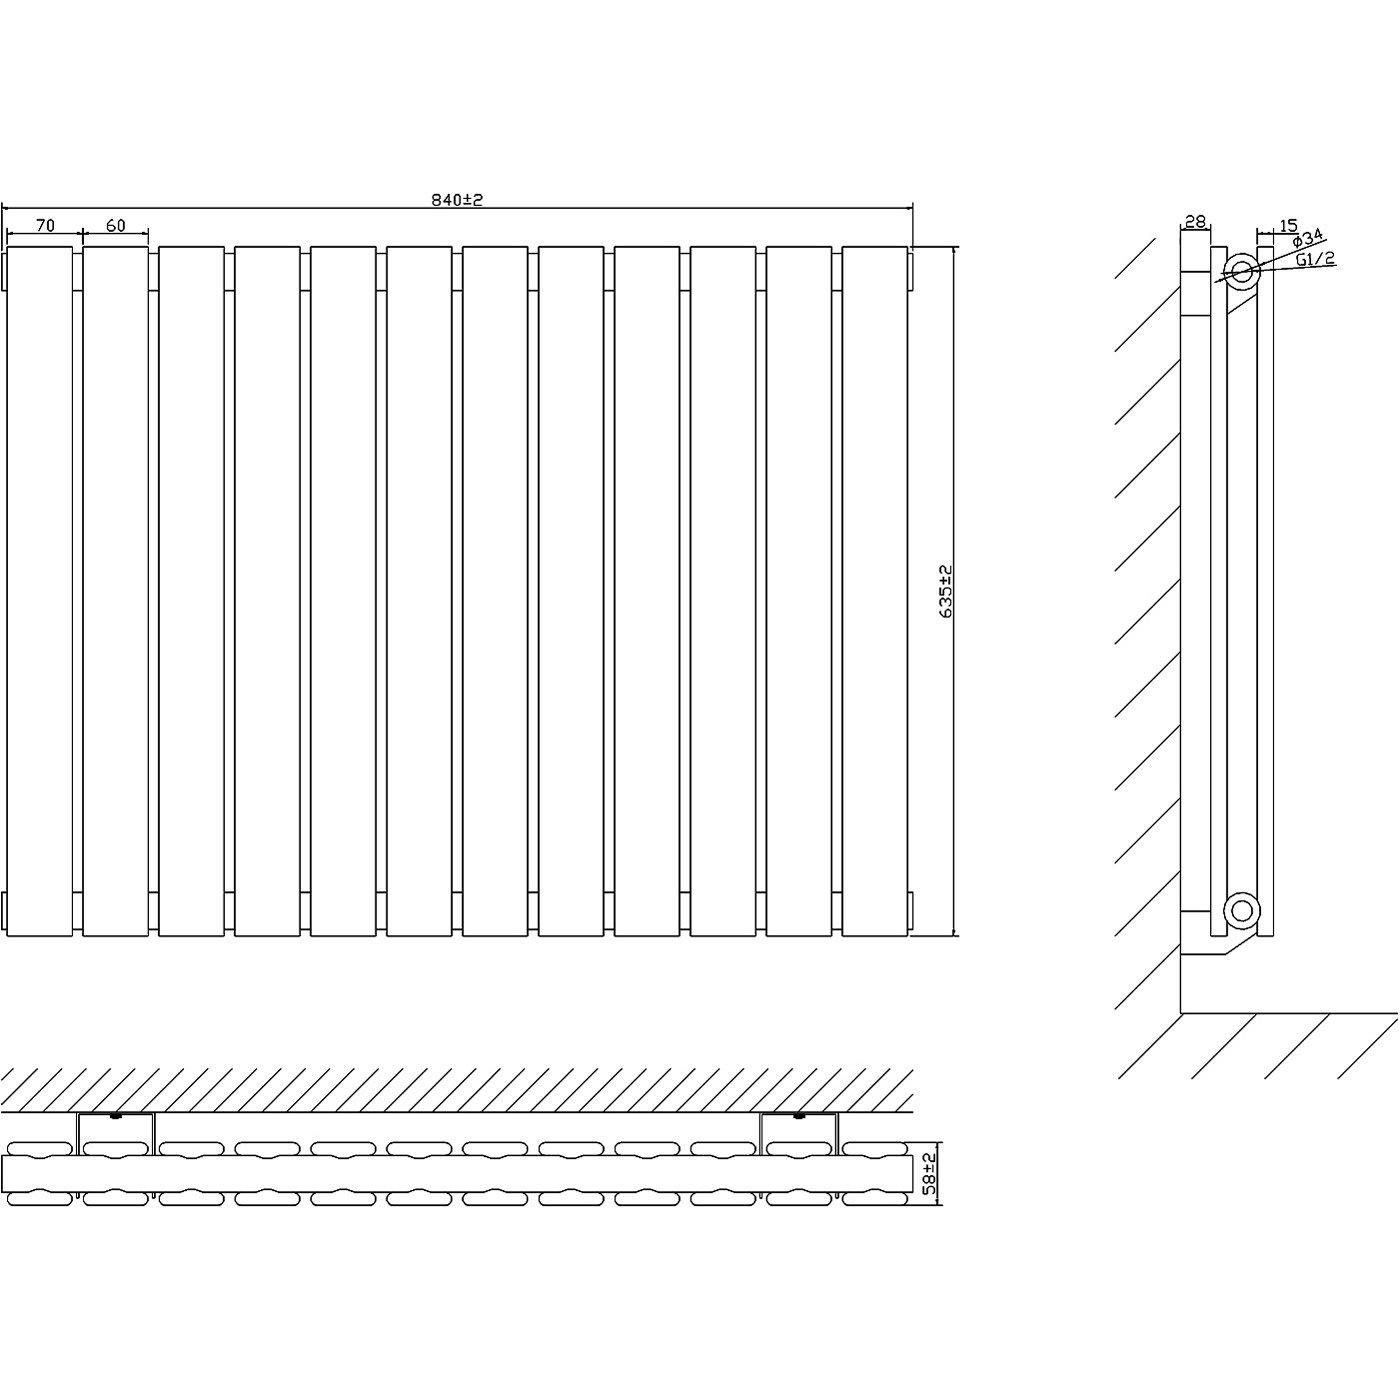 Radiador con Acabado Antracita Calefacci/ón 751W Paneles Planos Hudson Reed Radiador de Dise/ño Moderno Horizontal Delta 635 x 840mm